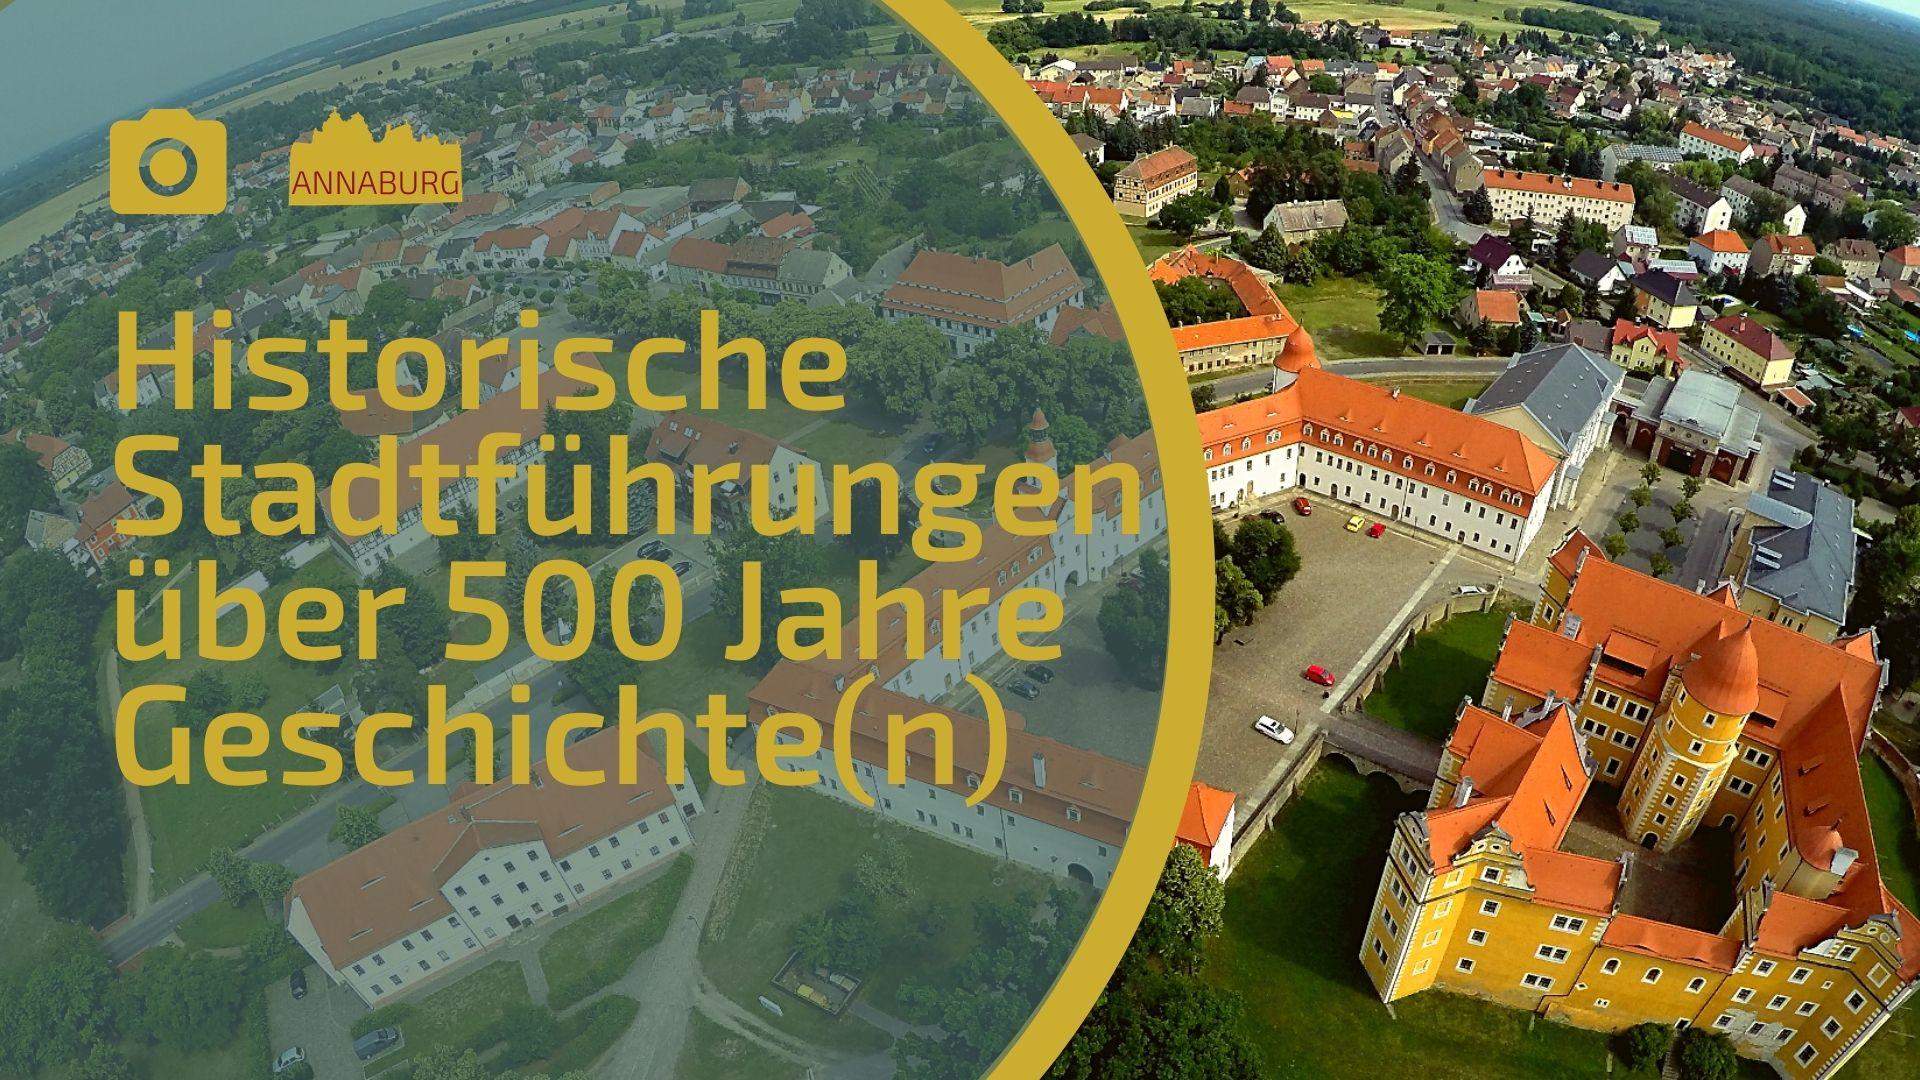 PDF Datai zu den Stadtführungen der Stadt Annaburg